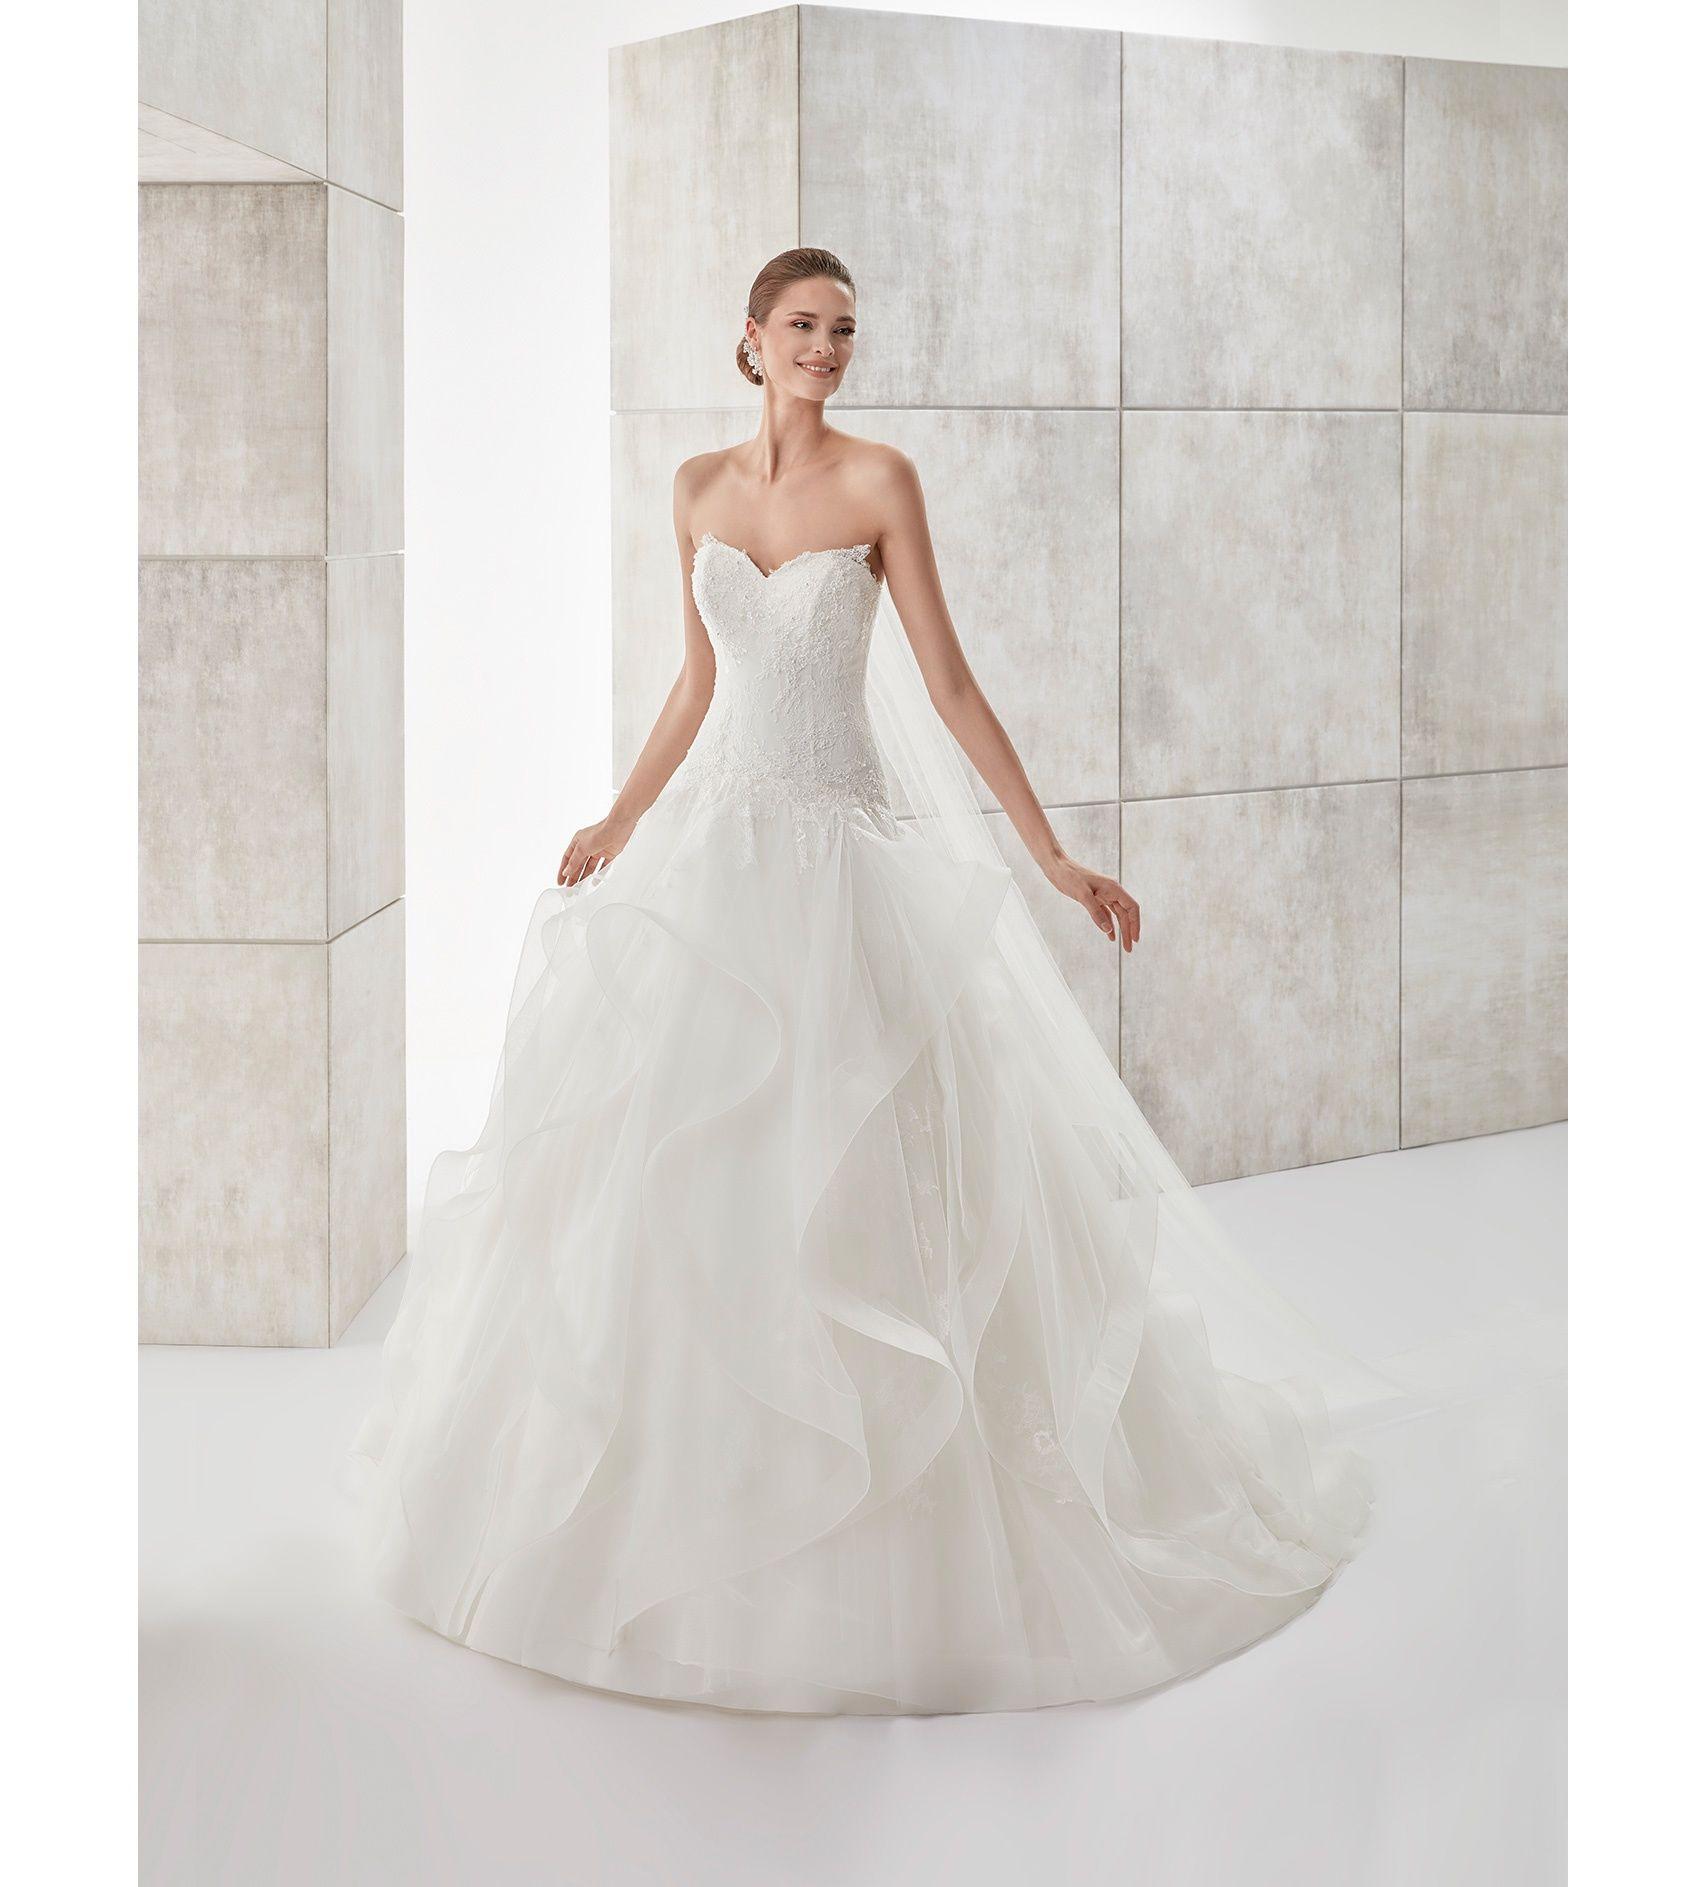 Moda sposa collezione aurora auab abito da sposa